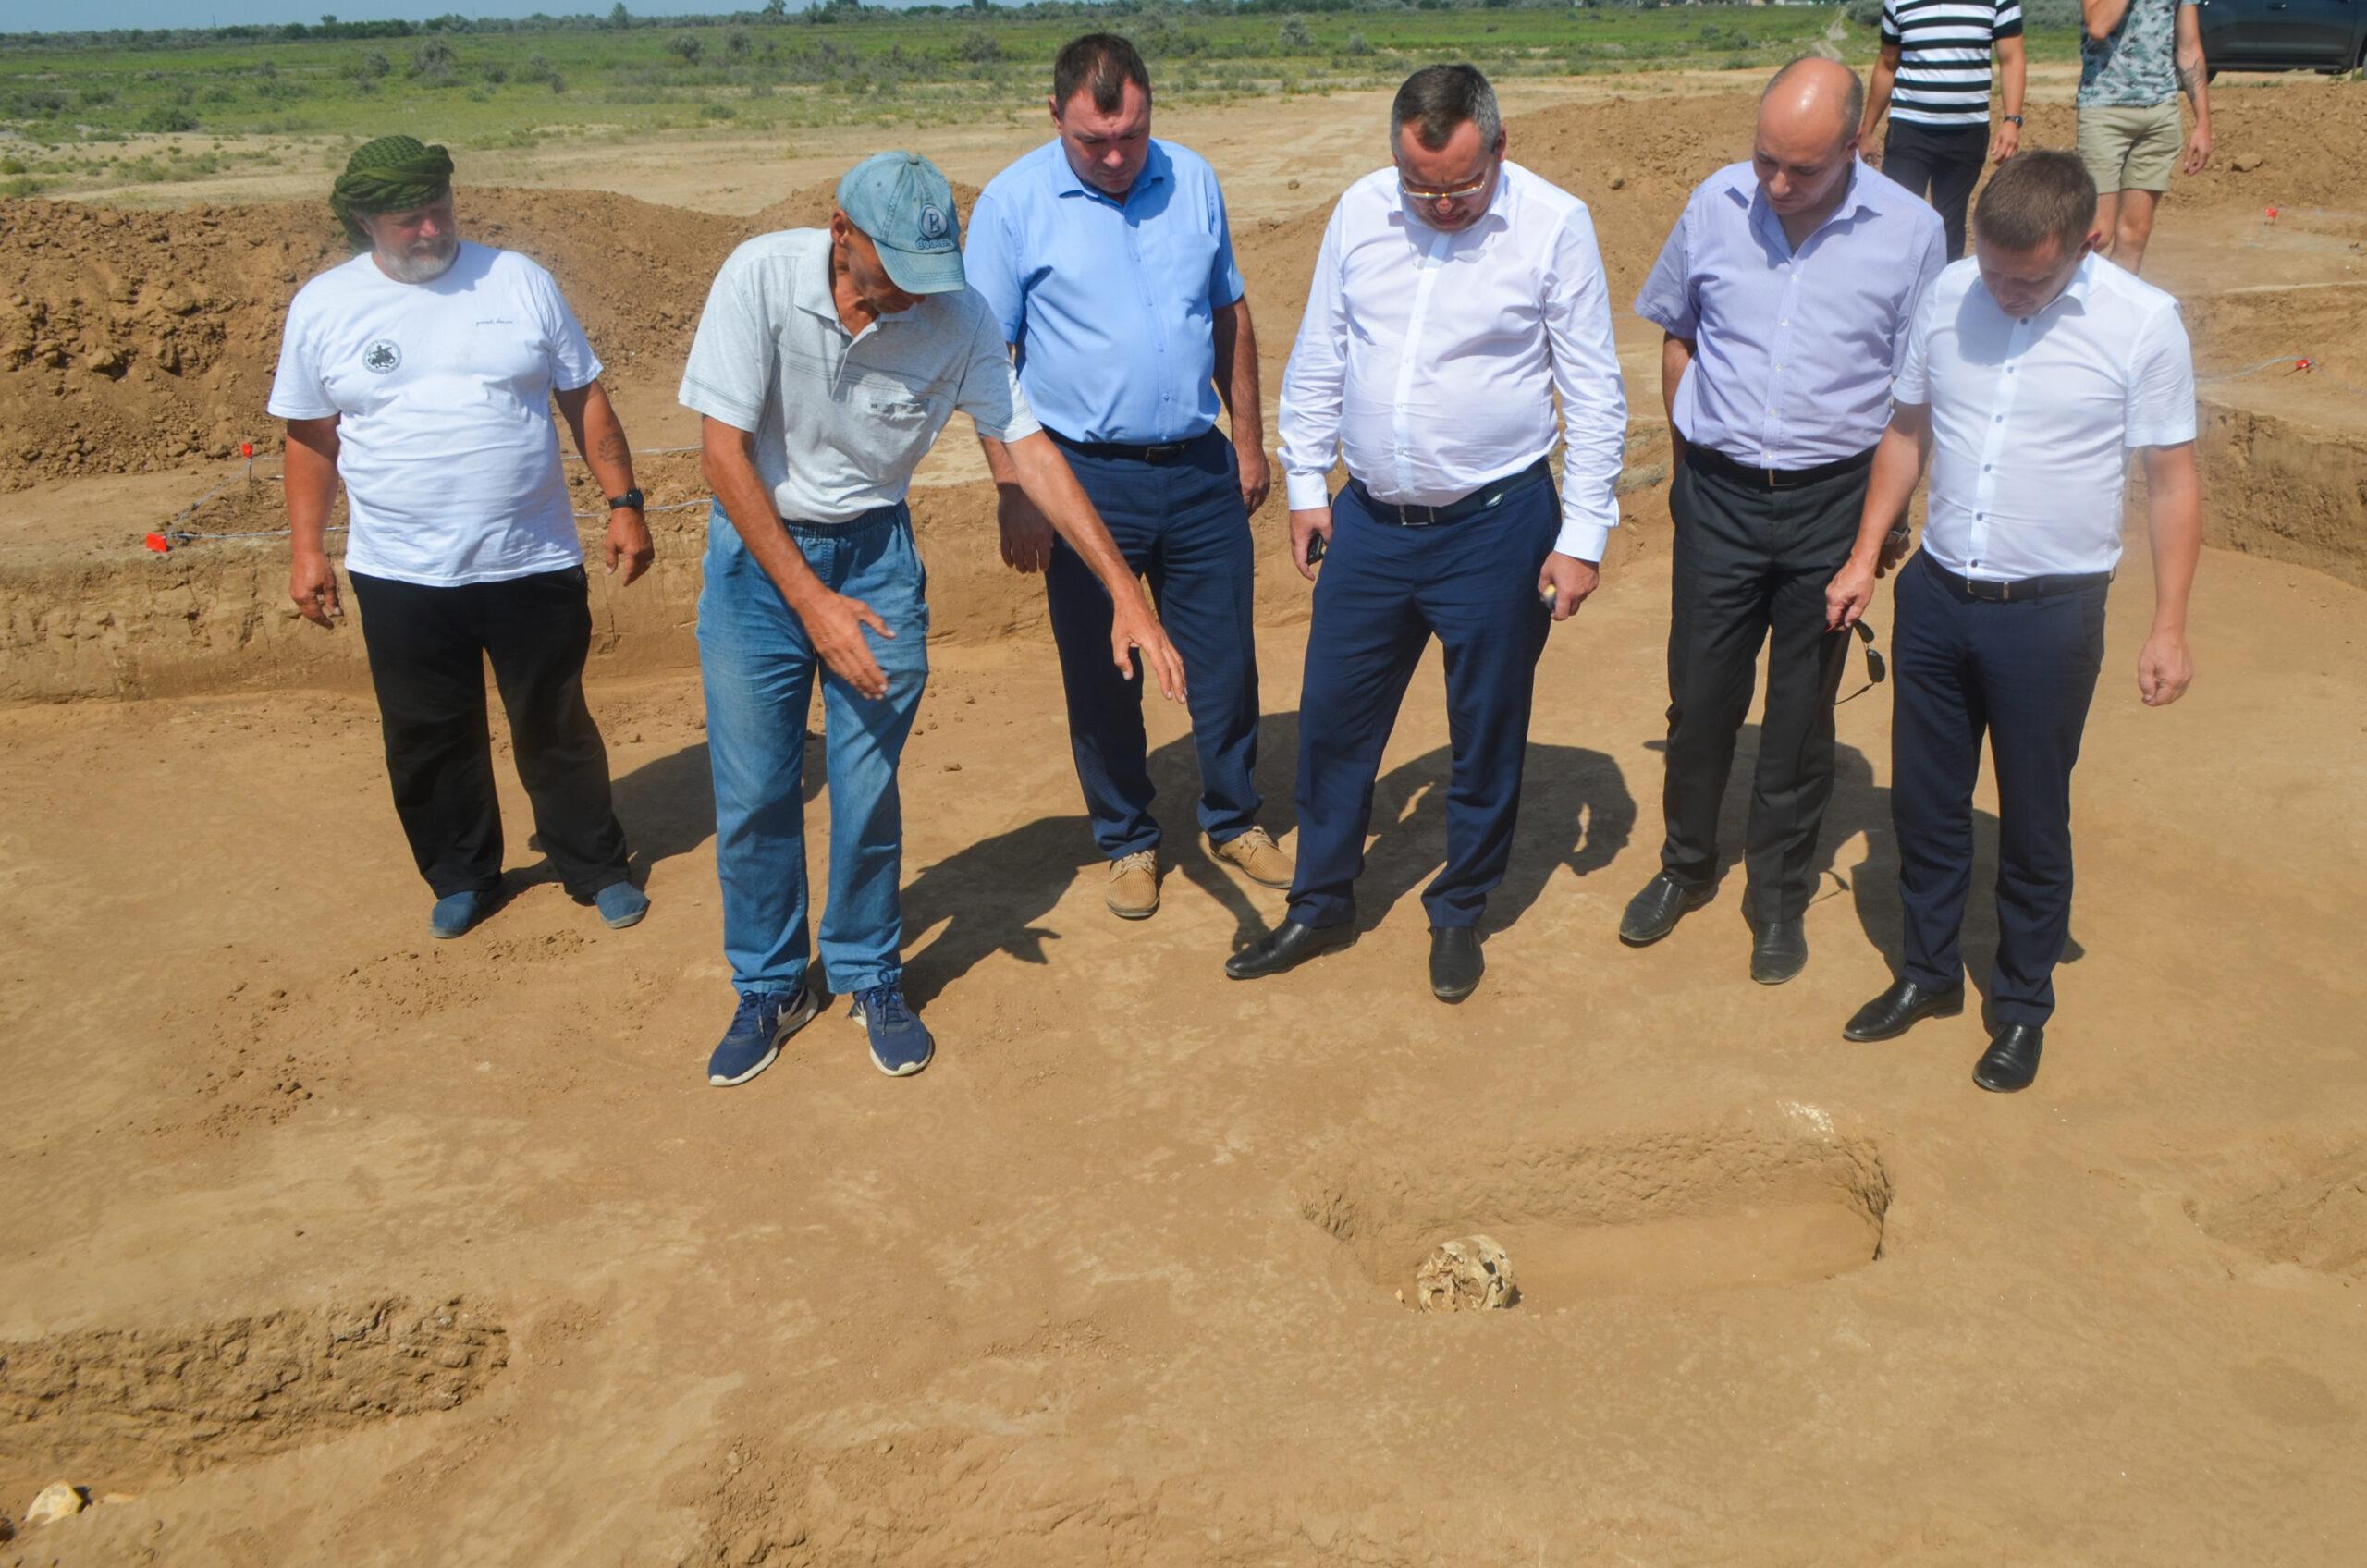 Археологические раскопки под Астраханью.